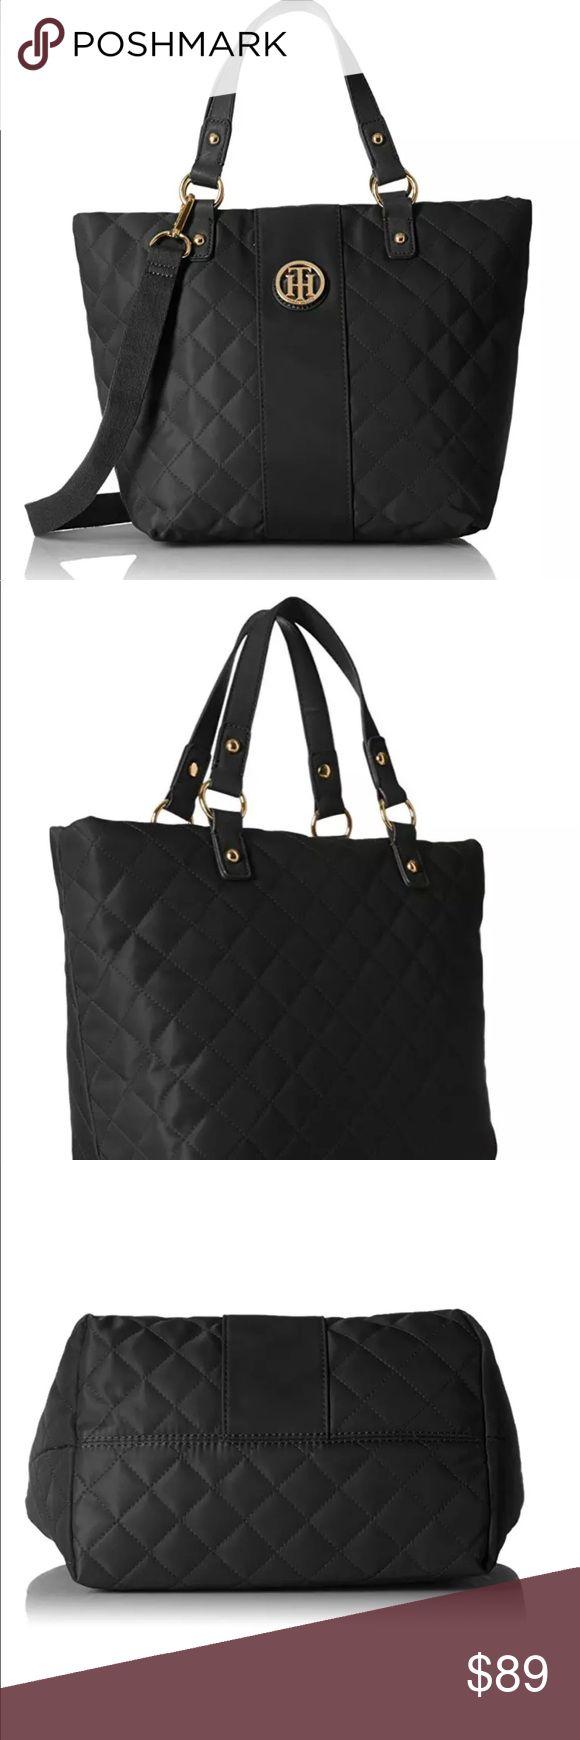 Tommy Hilfinger Quilted Black Nylon Tote Bag Tommy Hilfinger sla Quilted Black Nylon Tote/Shoulder Bag Tommy Hilfiger Bags Totes